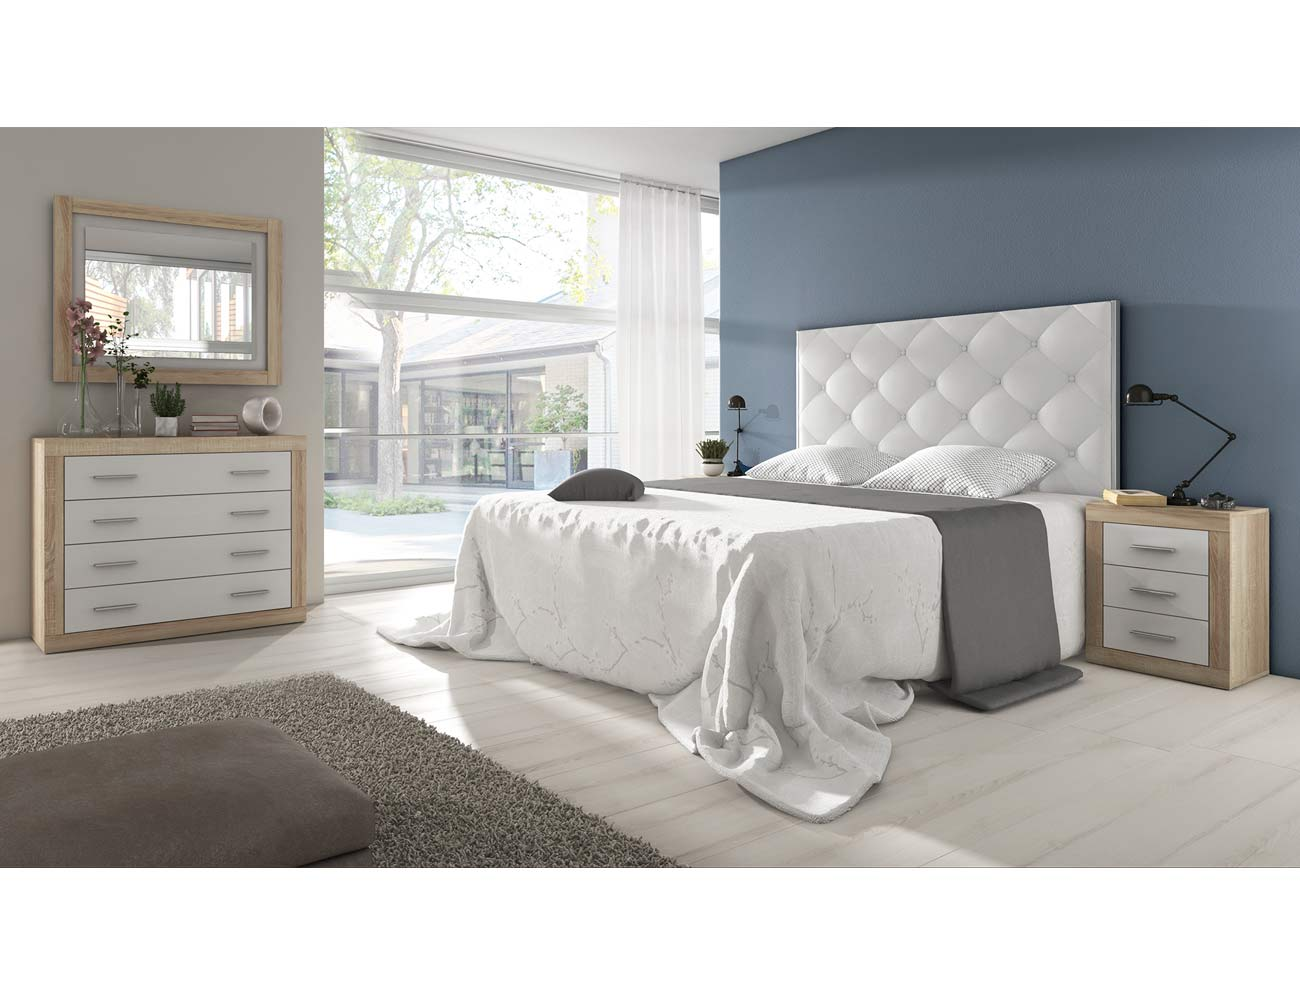 Dormitorio de matrimonio moderno con cabecero en polipiel for Dormitorios de matrimonio blancos